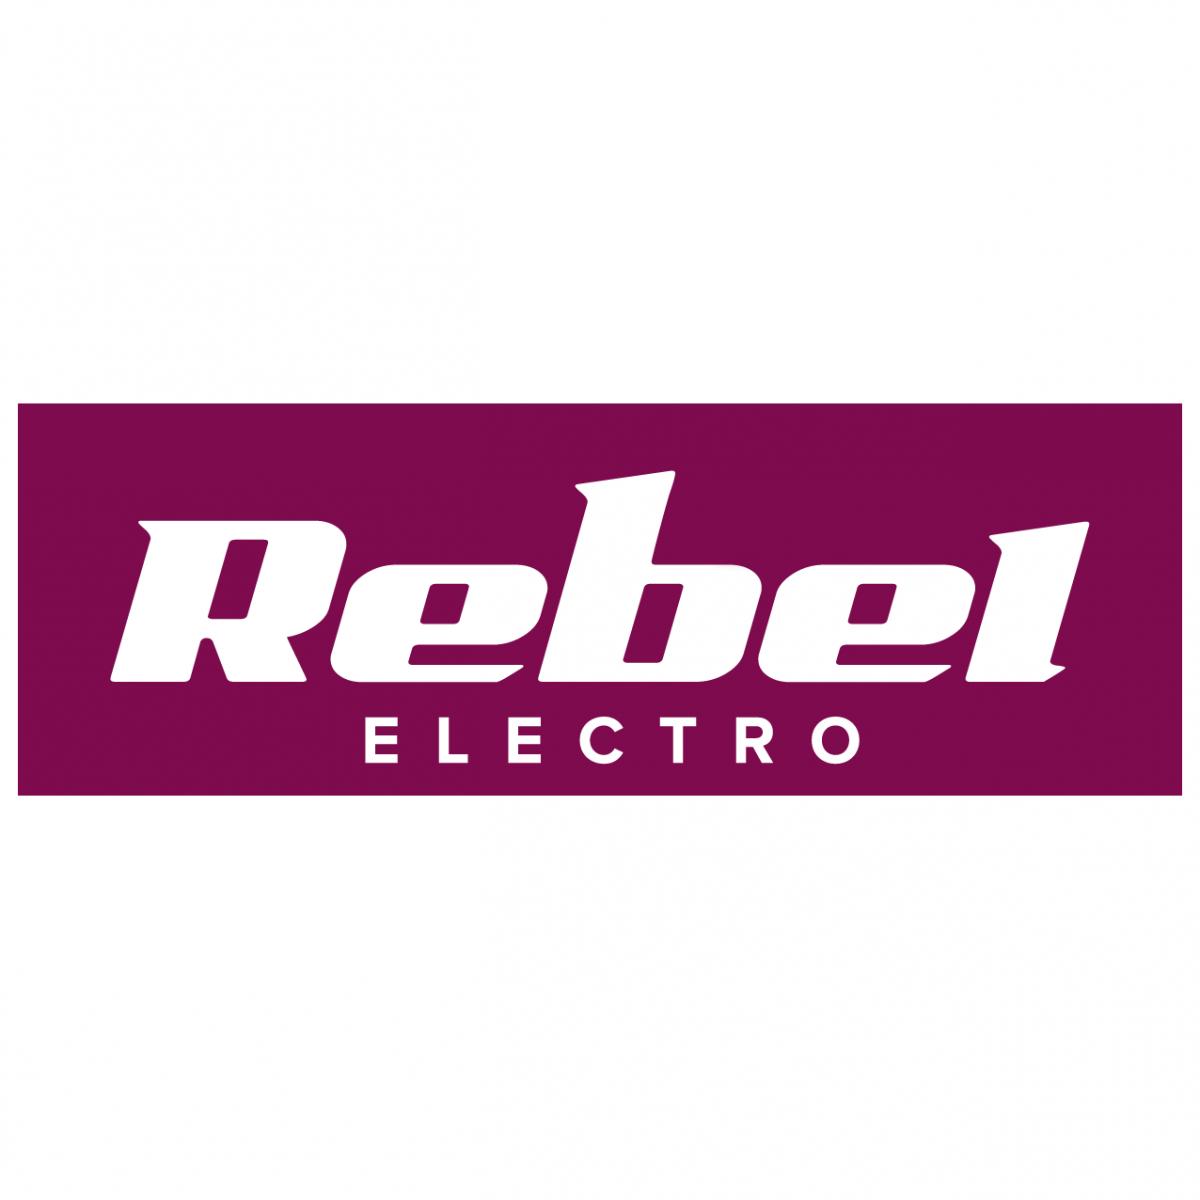 Rebel Electro